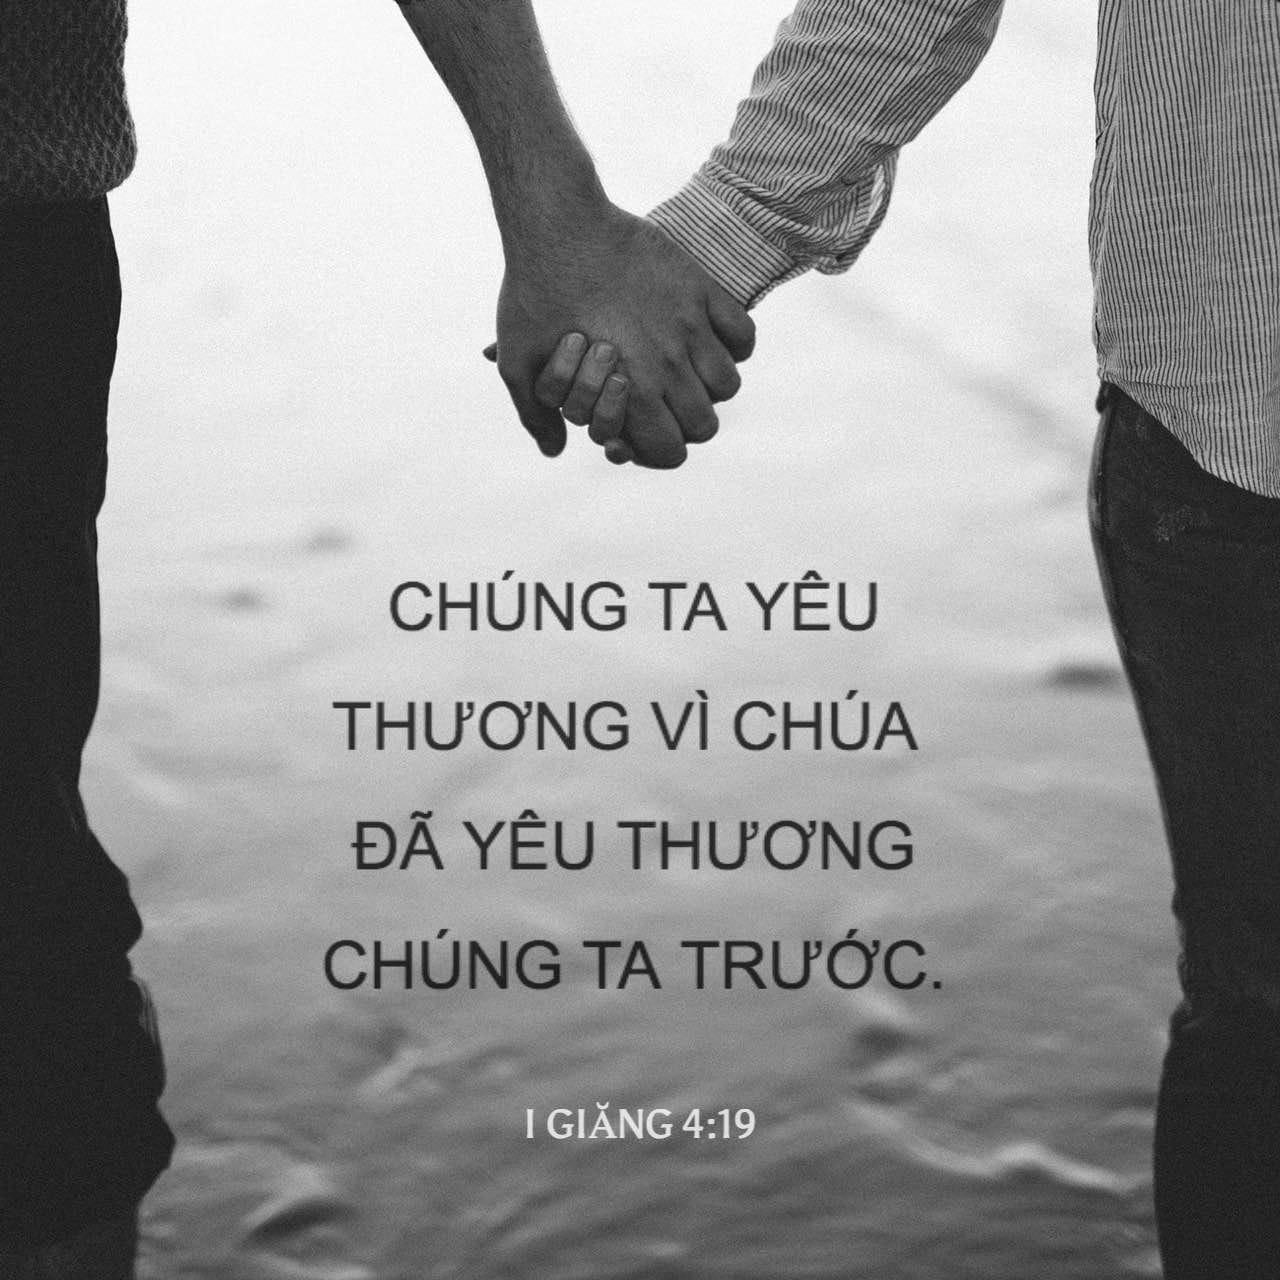 I Giăng 4:19 Chúng ta yêu, vì Chúa đã yêu chúng ta trước. | Kinh Thánh Bản  Truyền Thống 1925 (VB1925) | Tải Ứng dụng Kinh Thánh bây giờ